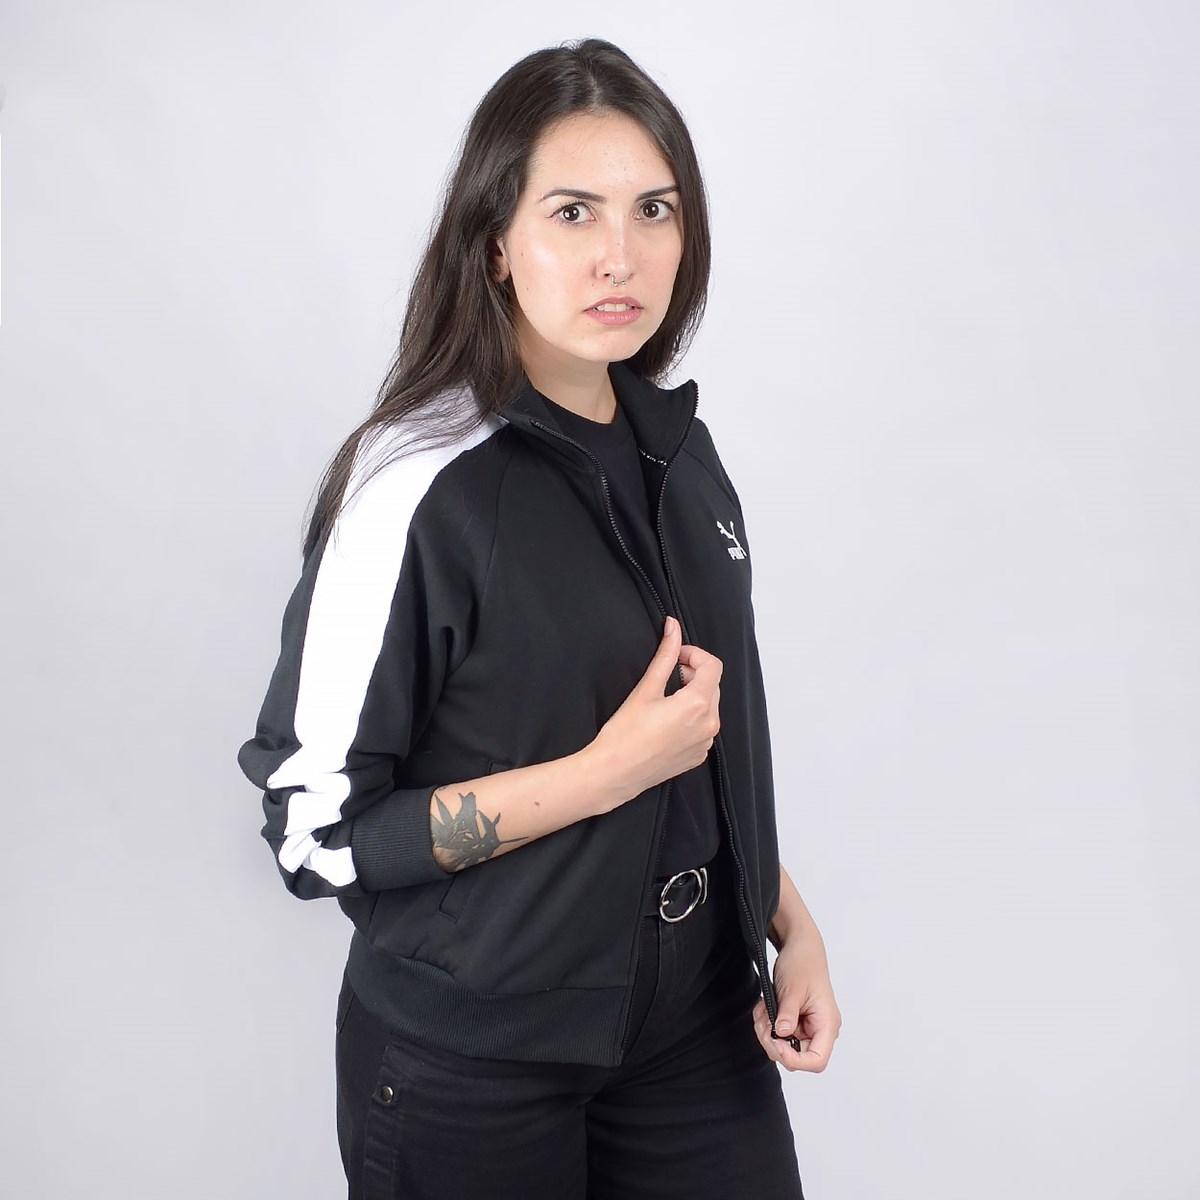 Jaqueta Puma Feminina Classics T7 Track JKT FT Black 59520401